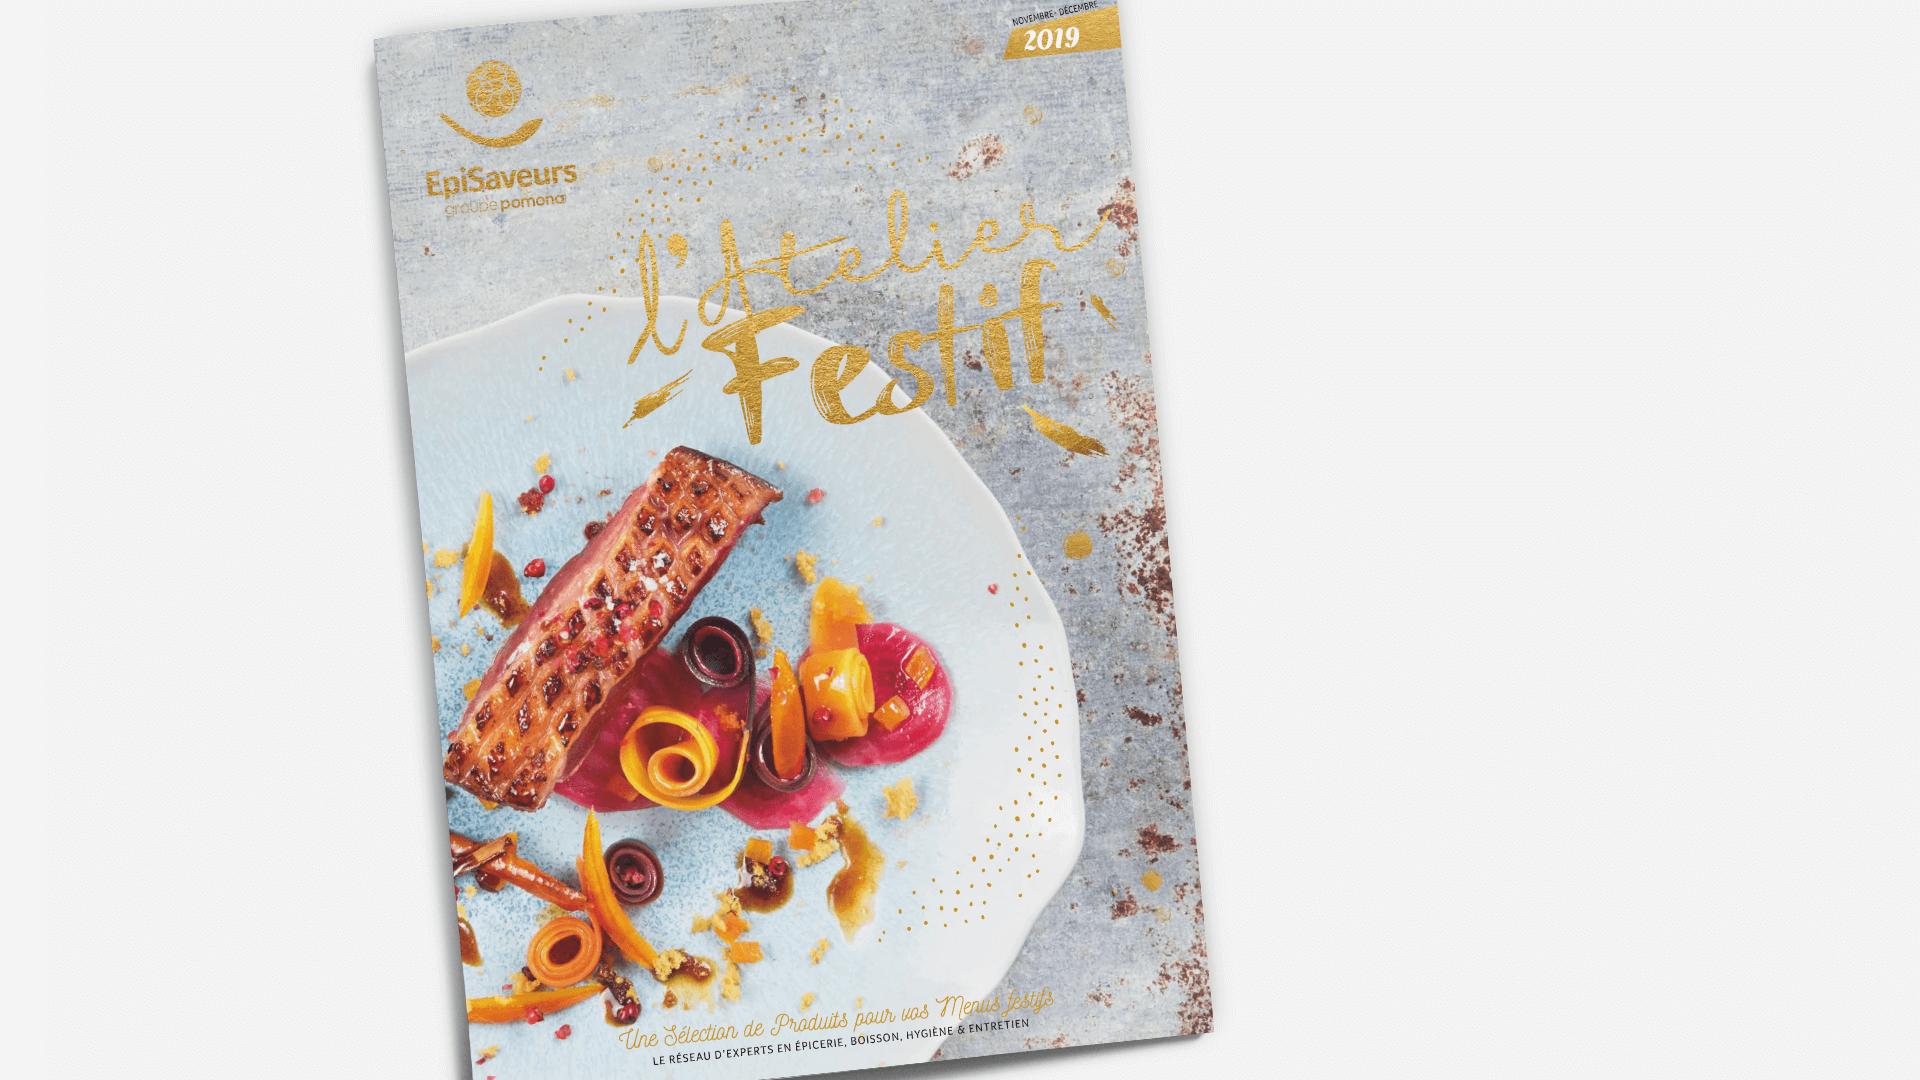 couverture du catalogue l'Atelier Festif d'EpiSaveurs